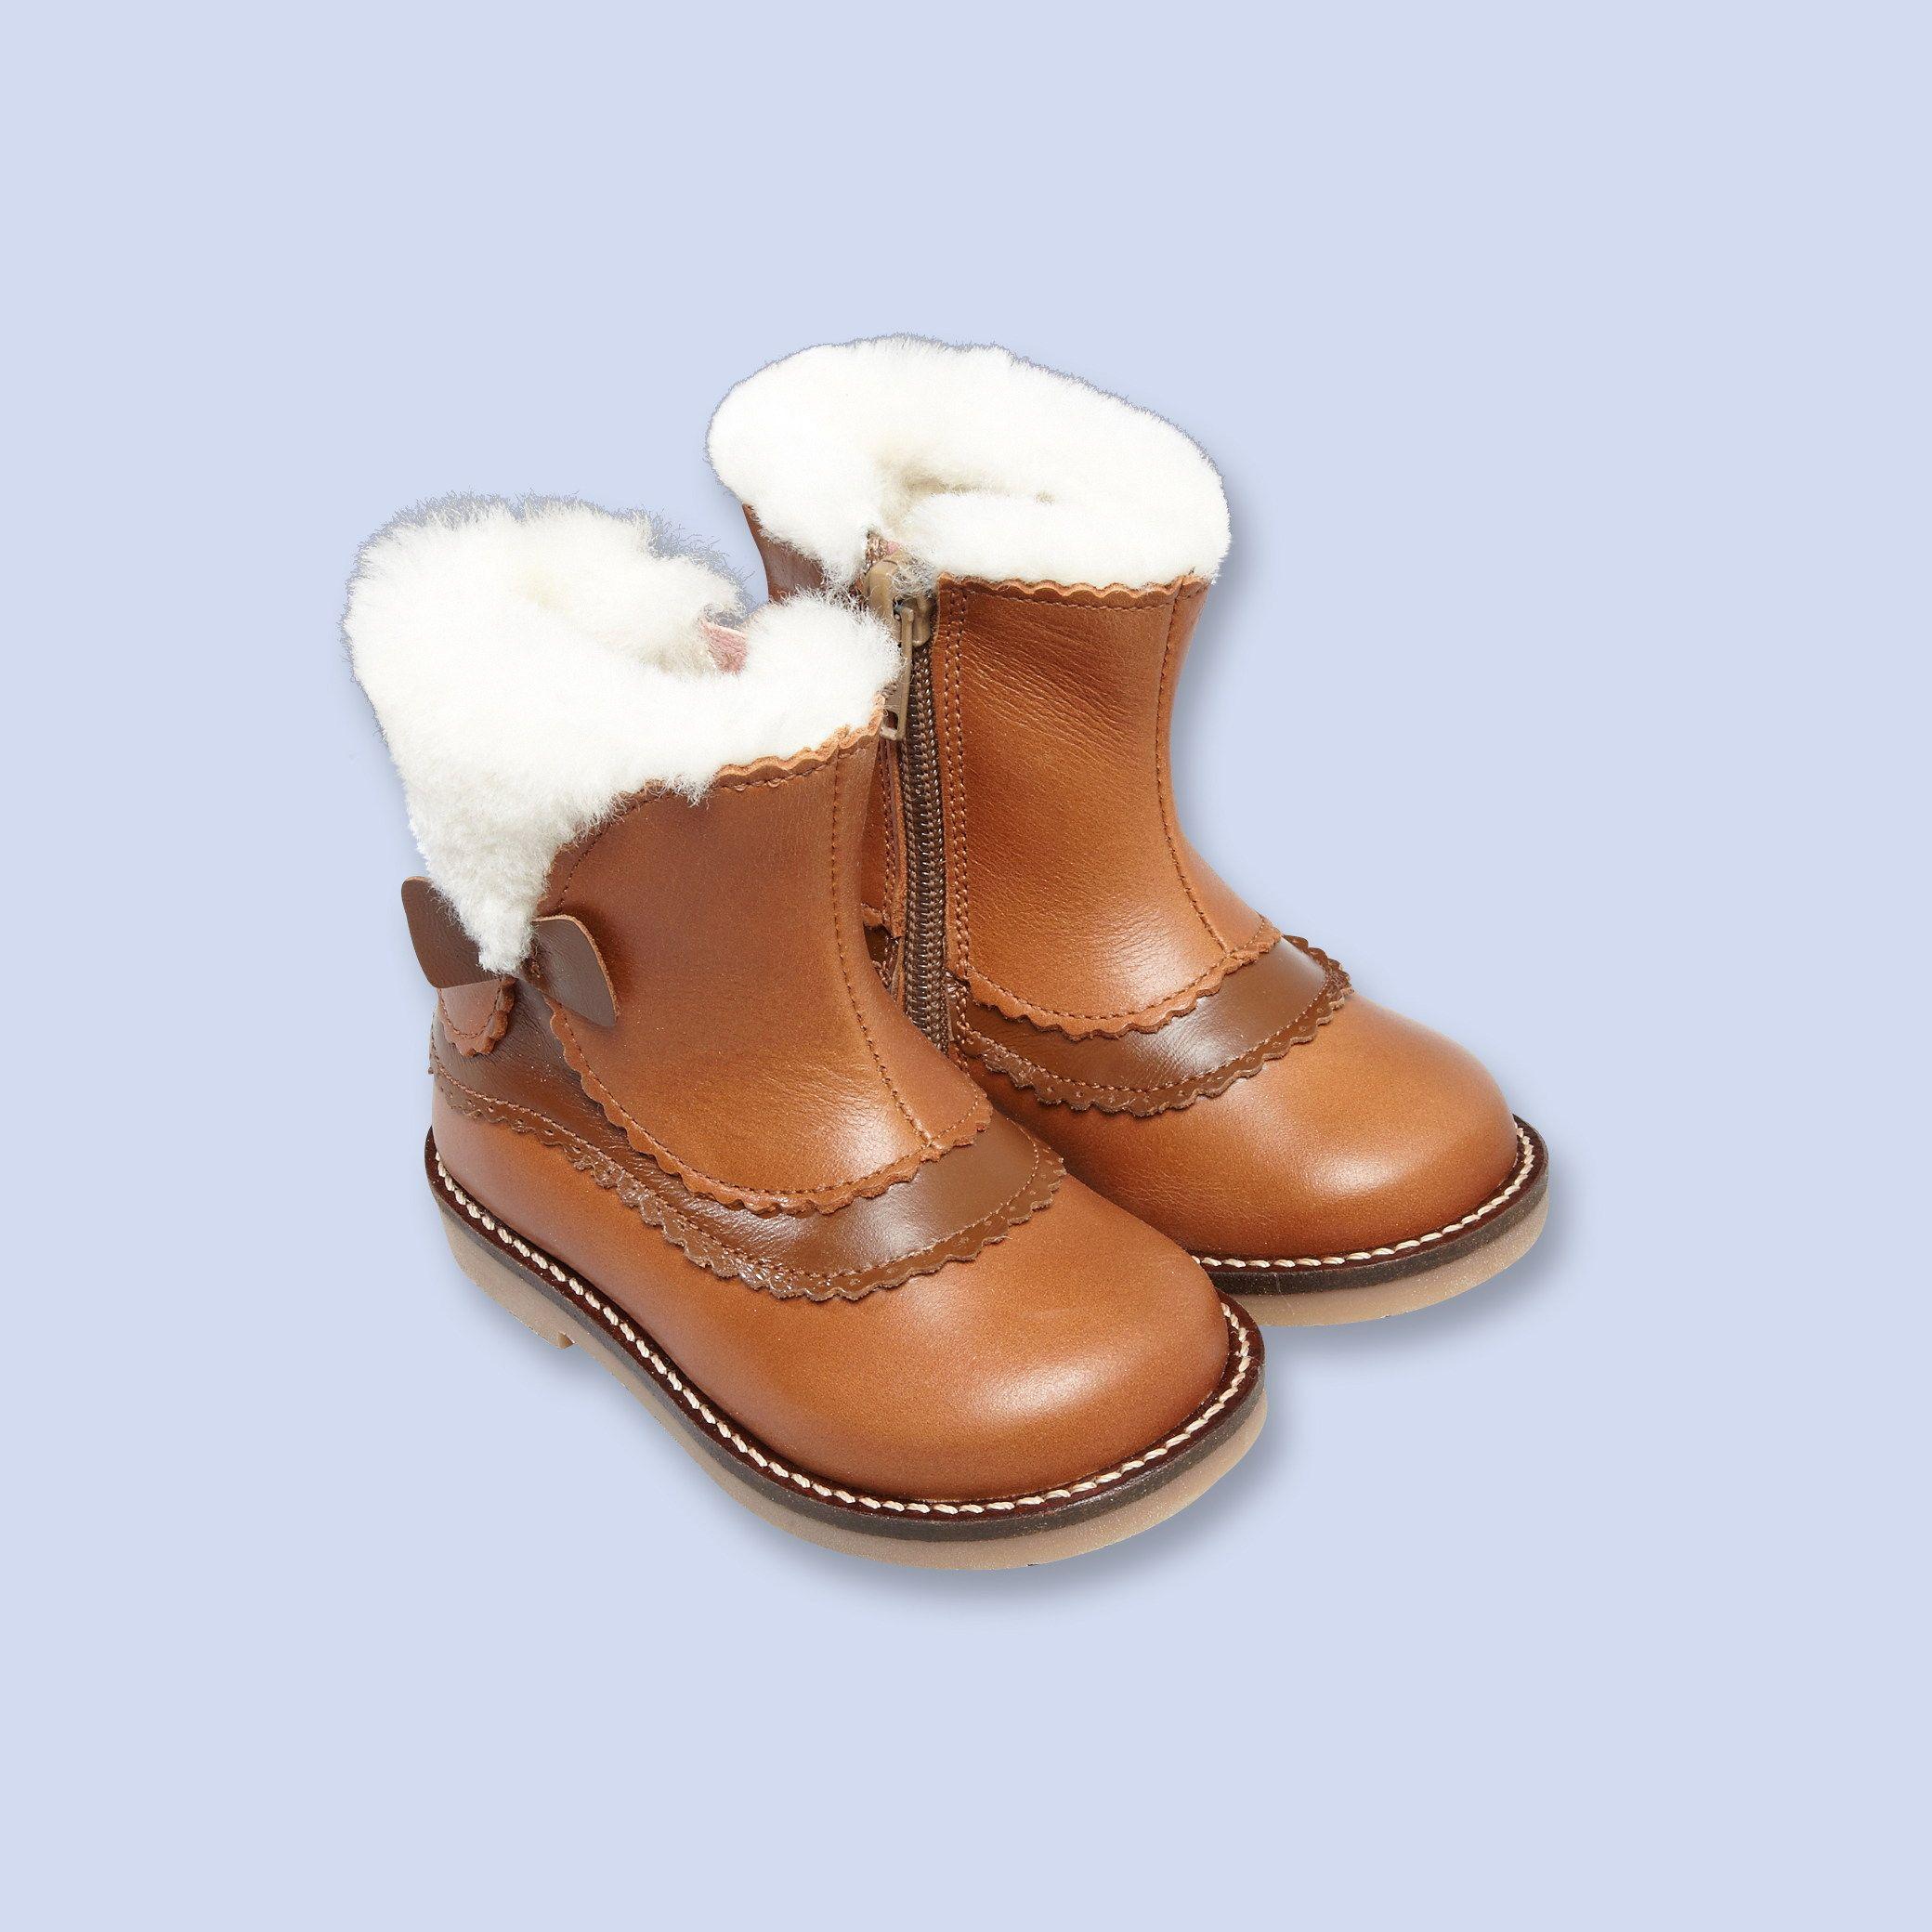 boots fourr es de laine fille karen bachelet cr ation chaussures pour jacadi pinterest. Black Bedroom Furniture Sets. Home Design Ideas